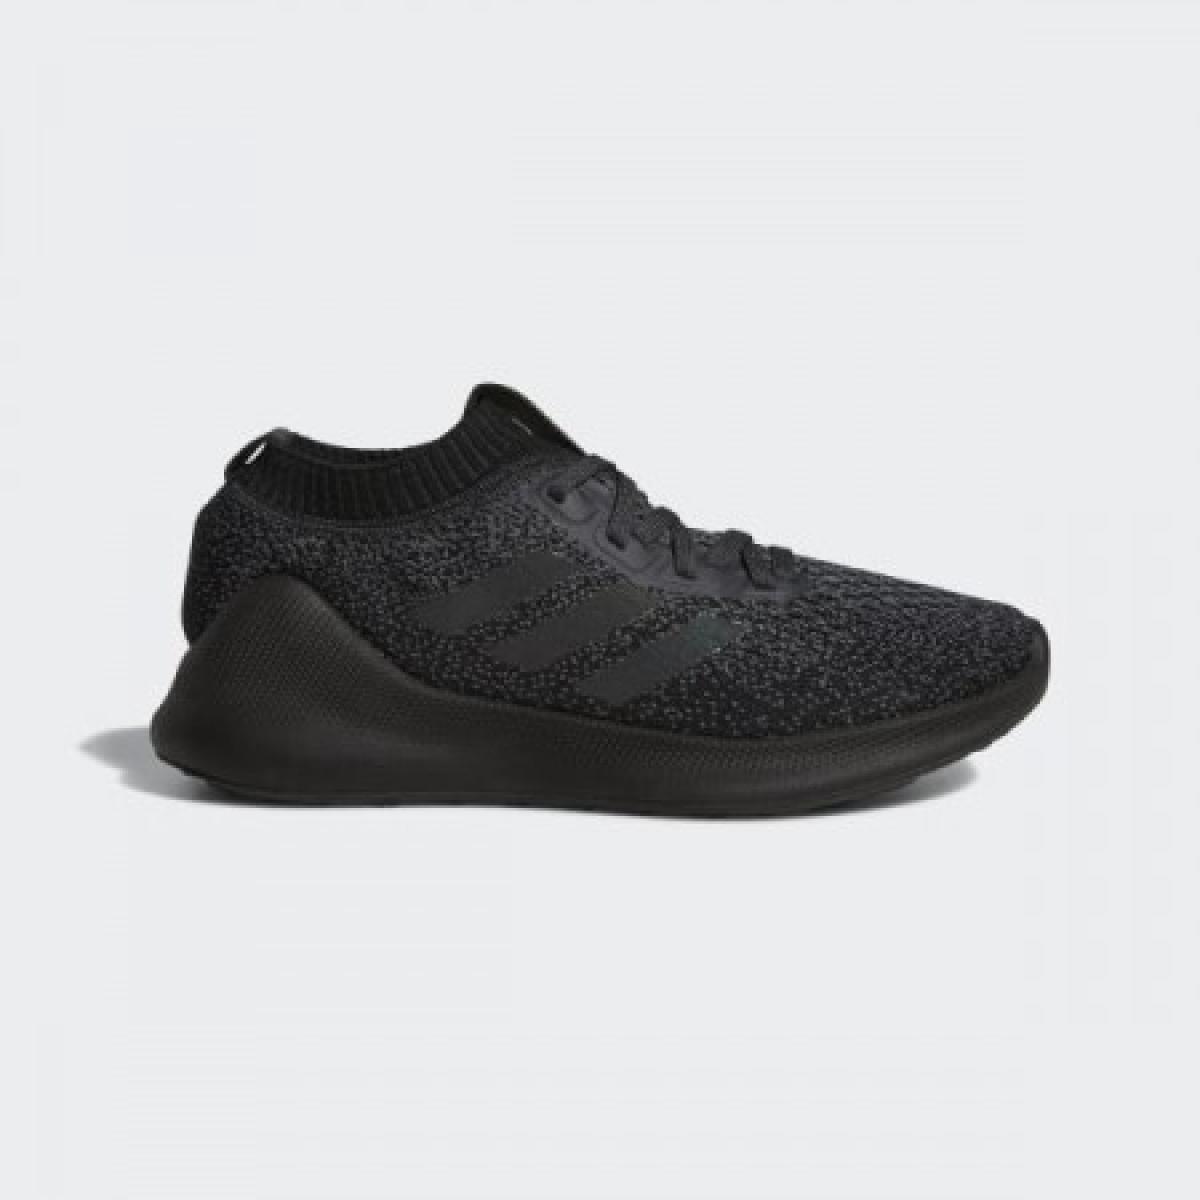 Tênis Adidas Purebounce